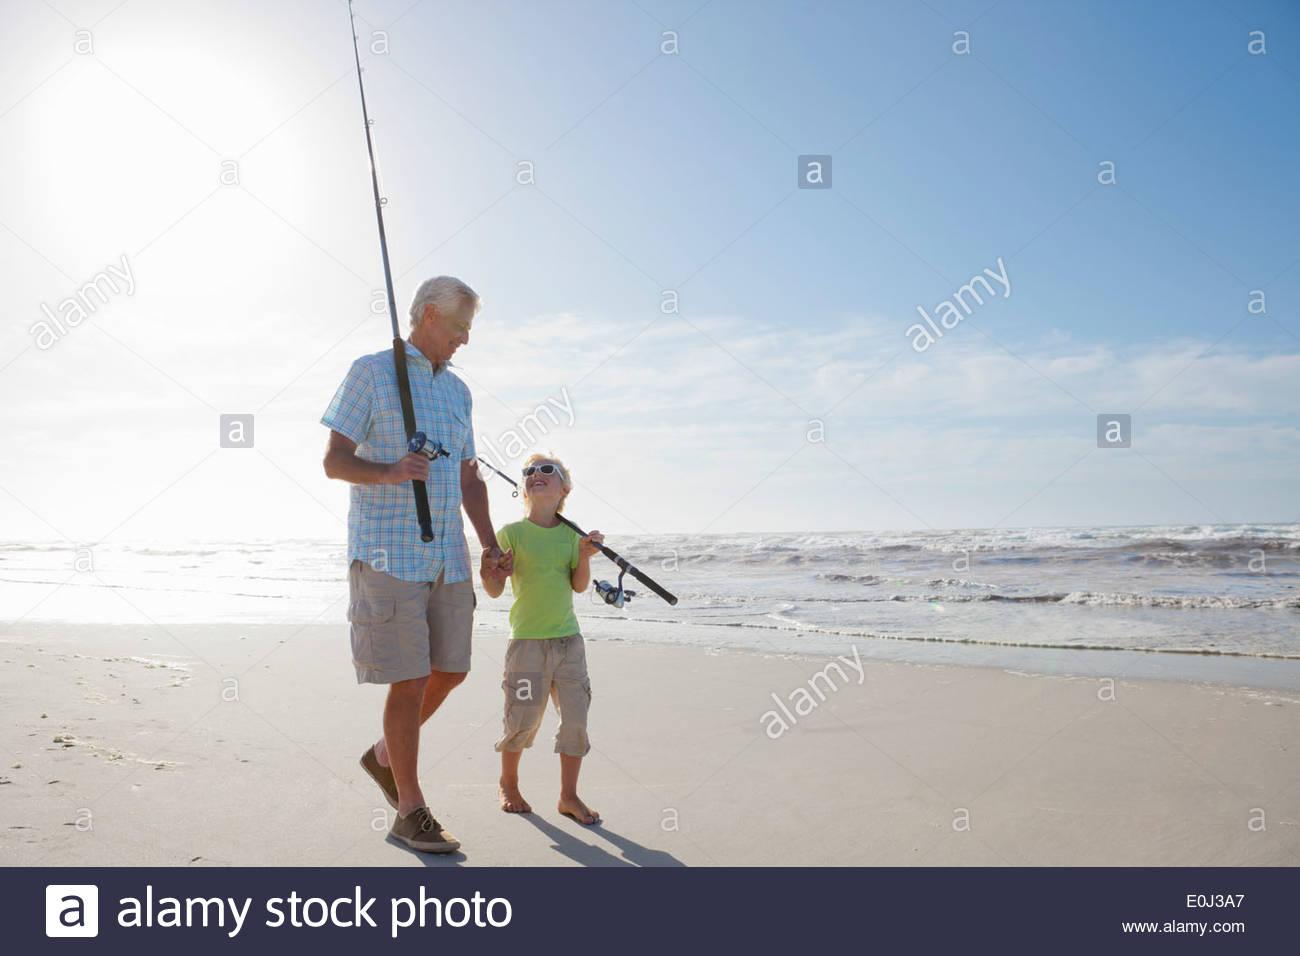 Grand-père et petit-fils avec des cannes à pêche sur sunny beach Photo Stock